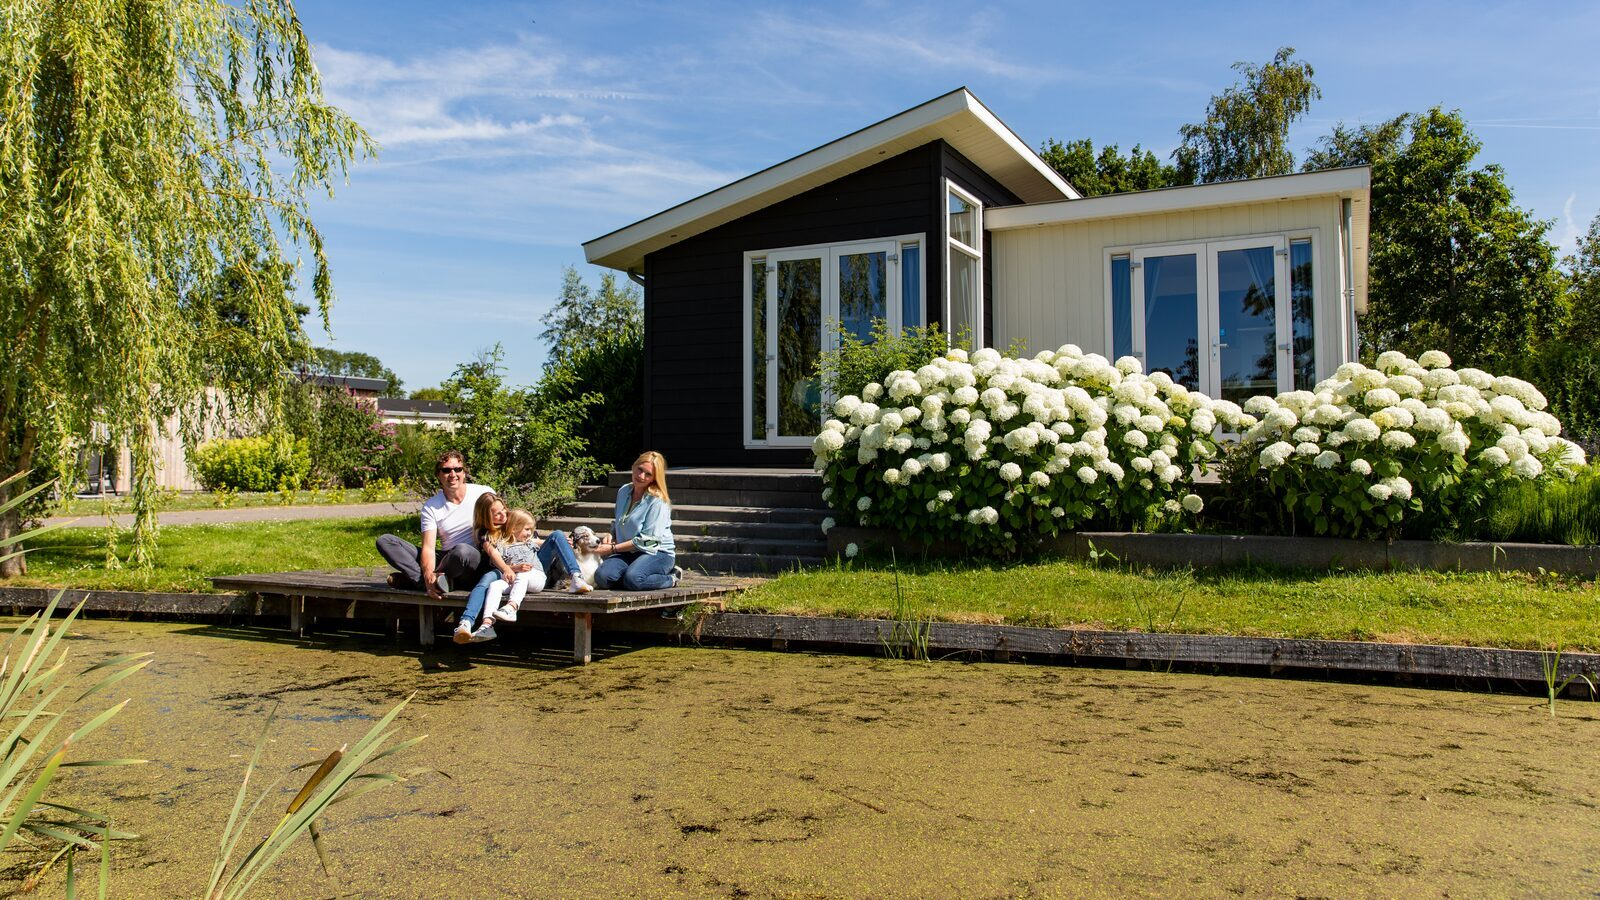 Vakantiewoning kopen in Nederland